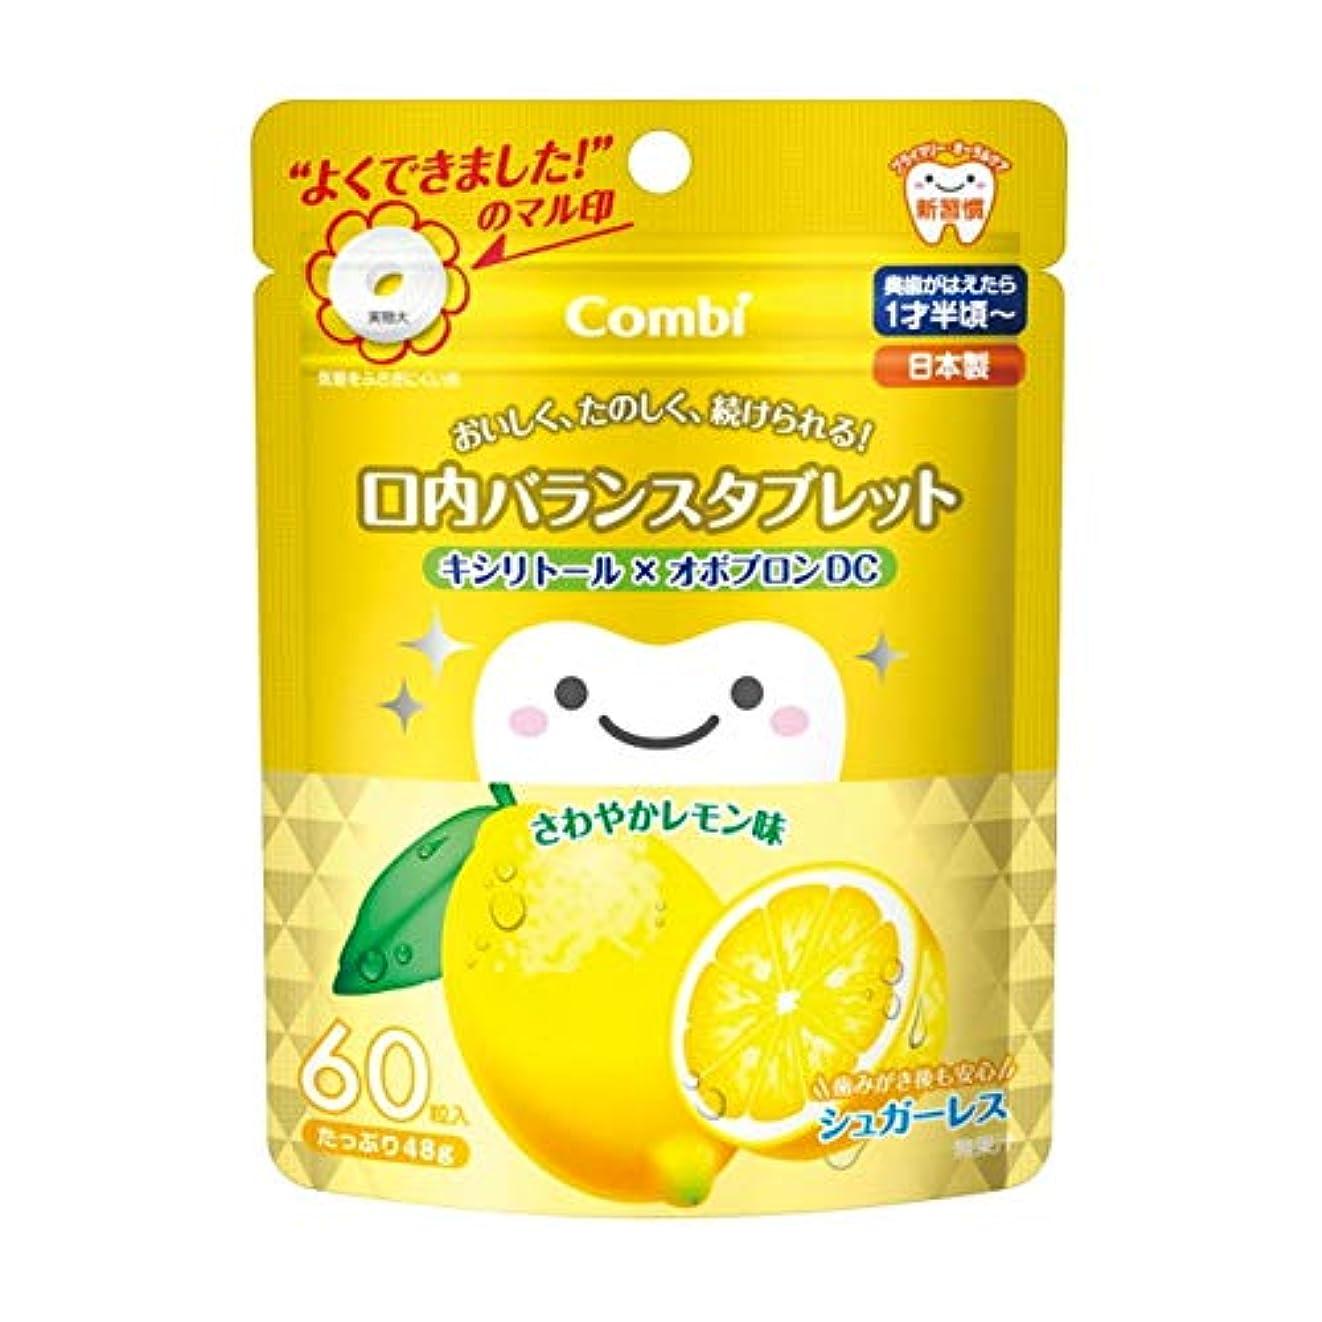 コロニー酸化物本質的にテテオ 口内バランスタブレット(レモン) 60粒